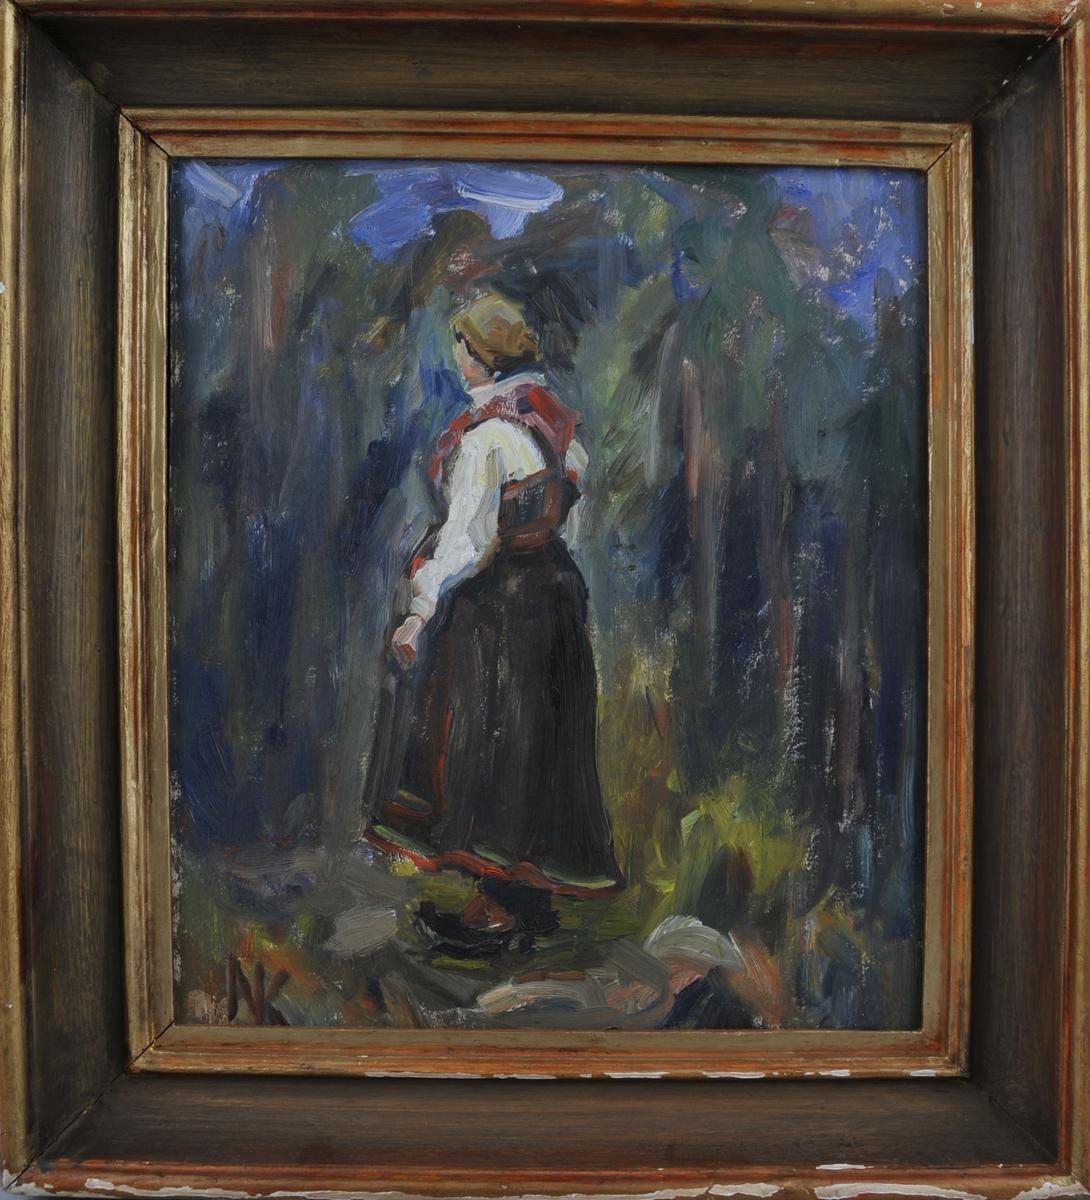 Kvinne i bunad som står i eit skogslandskap, delvis med ryggen mot målaren.